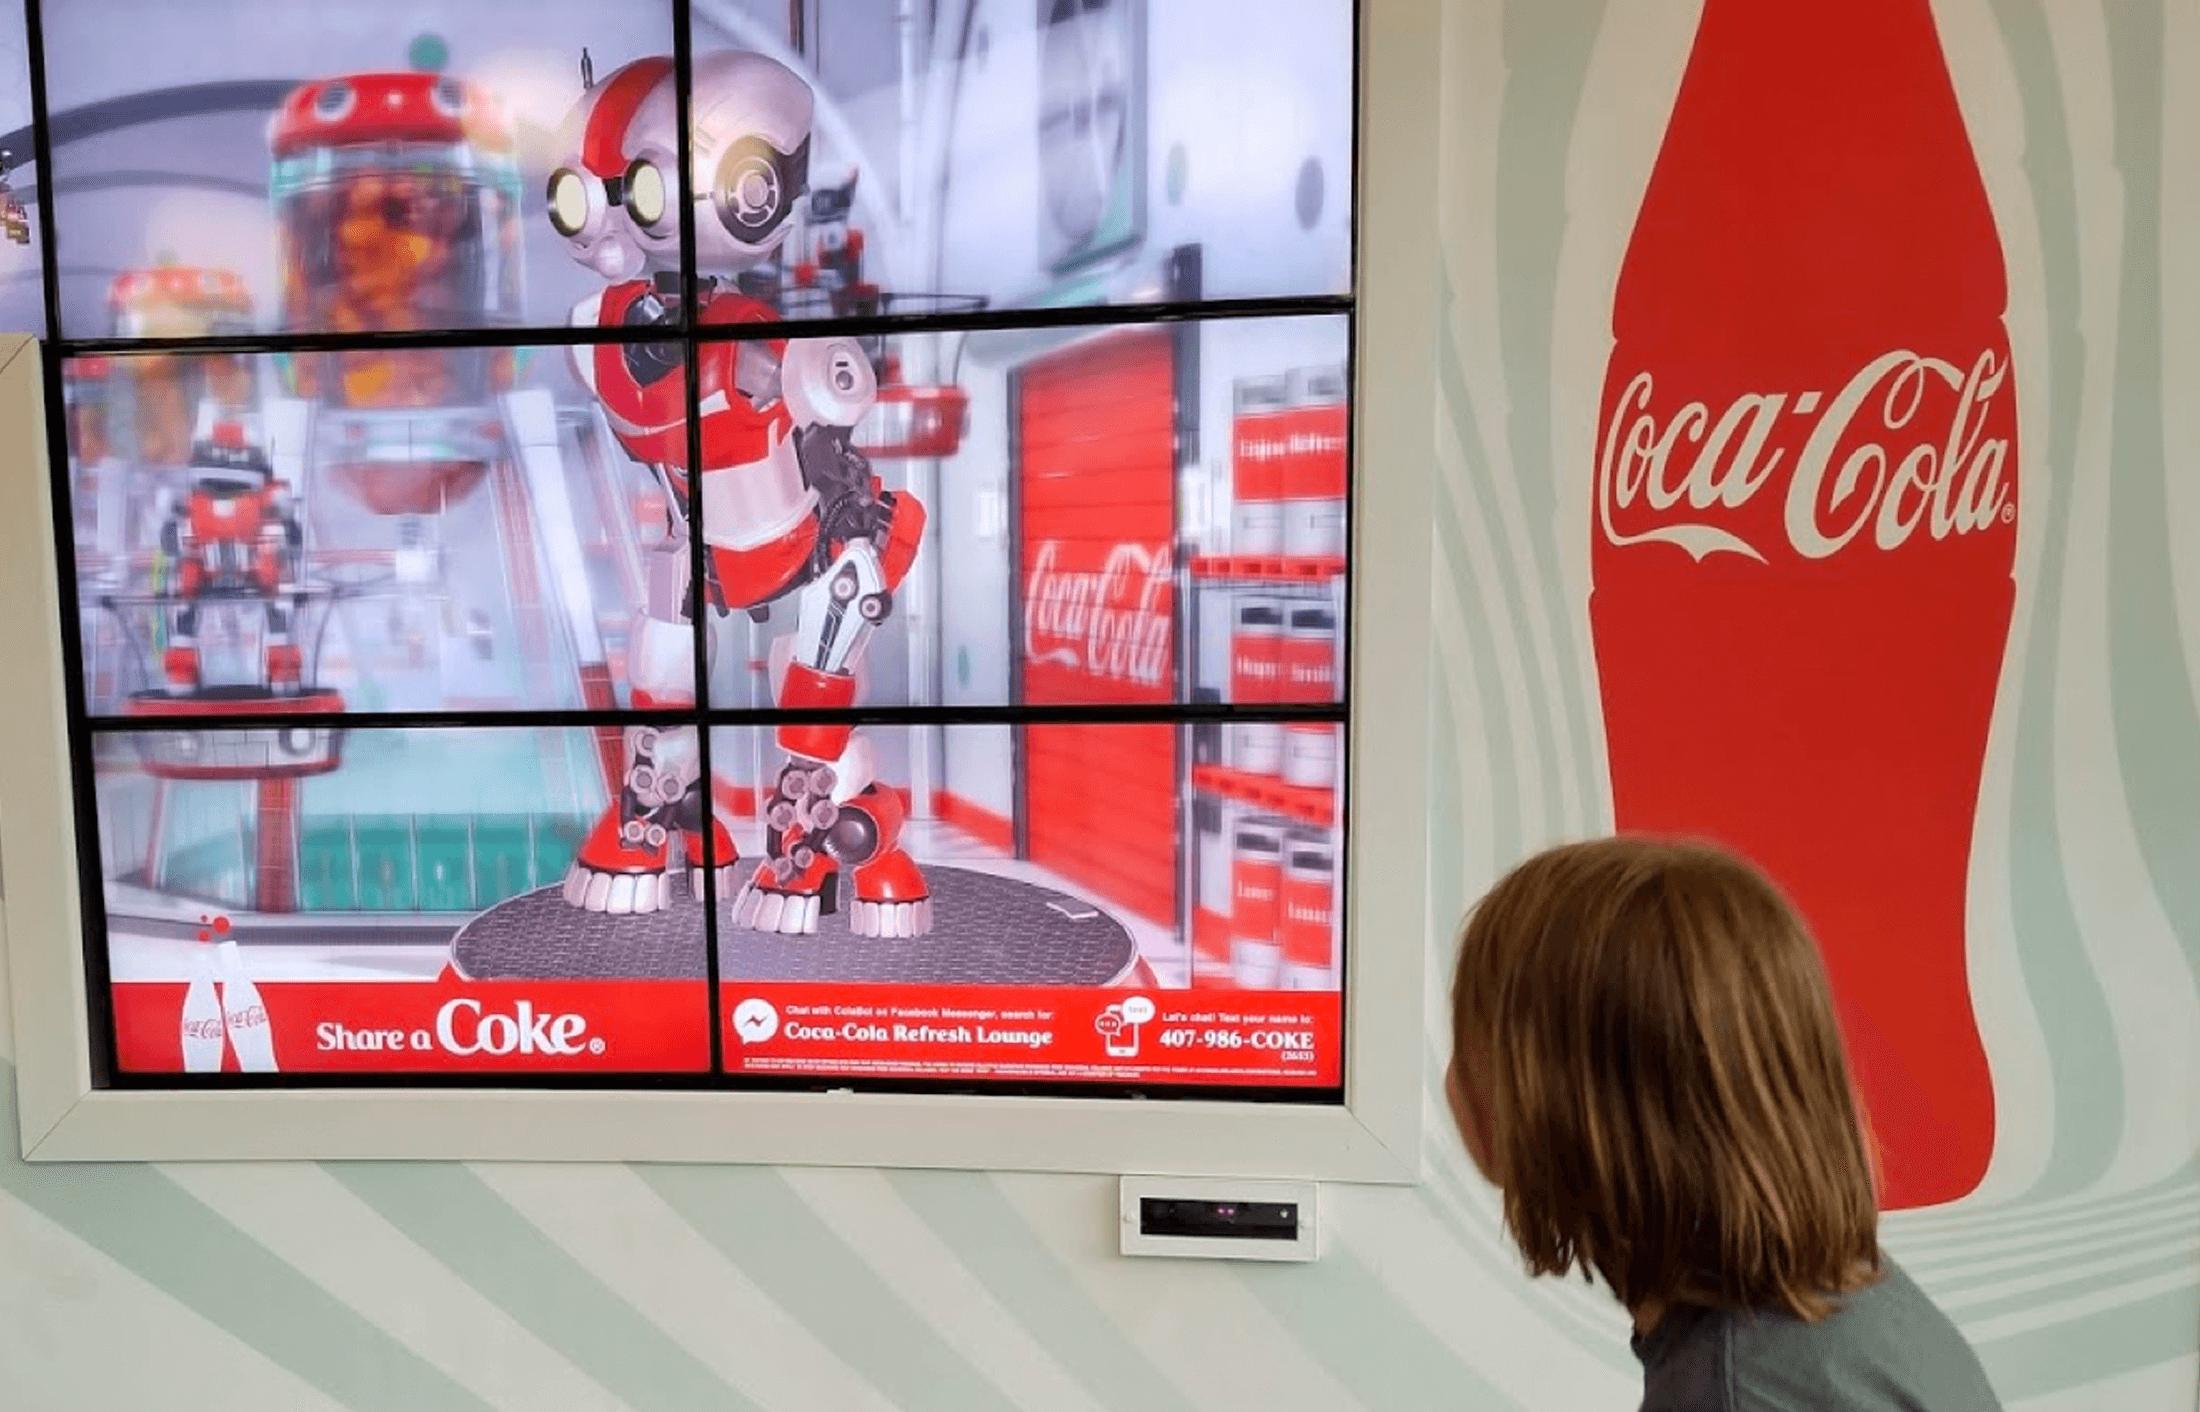 Coca-Cola Roboasis Interactive Wall